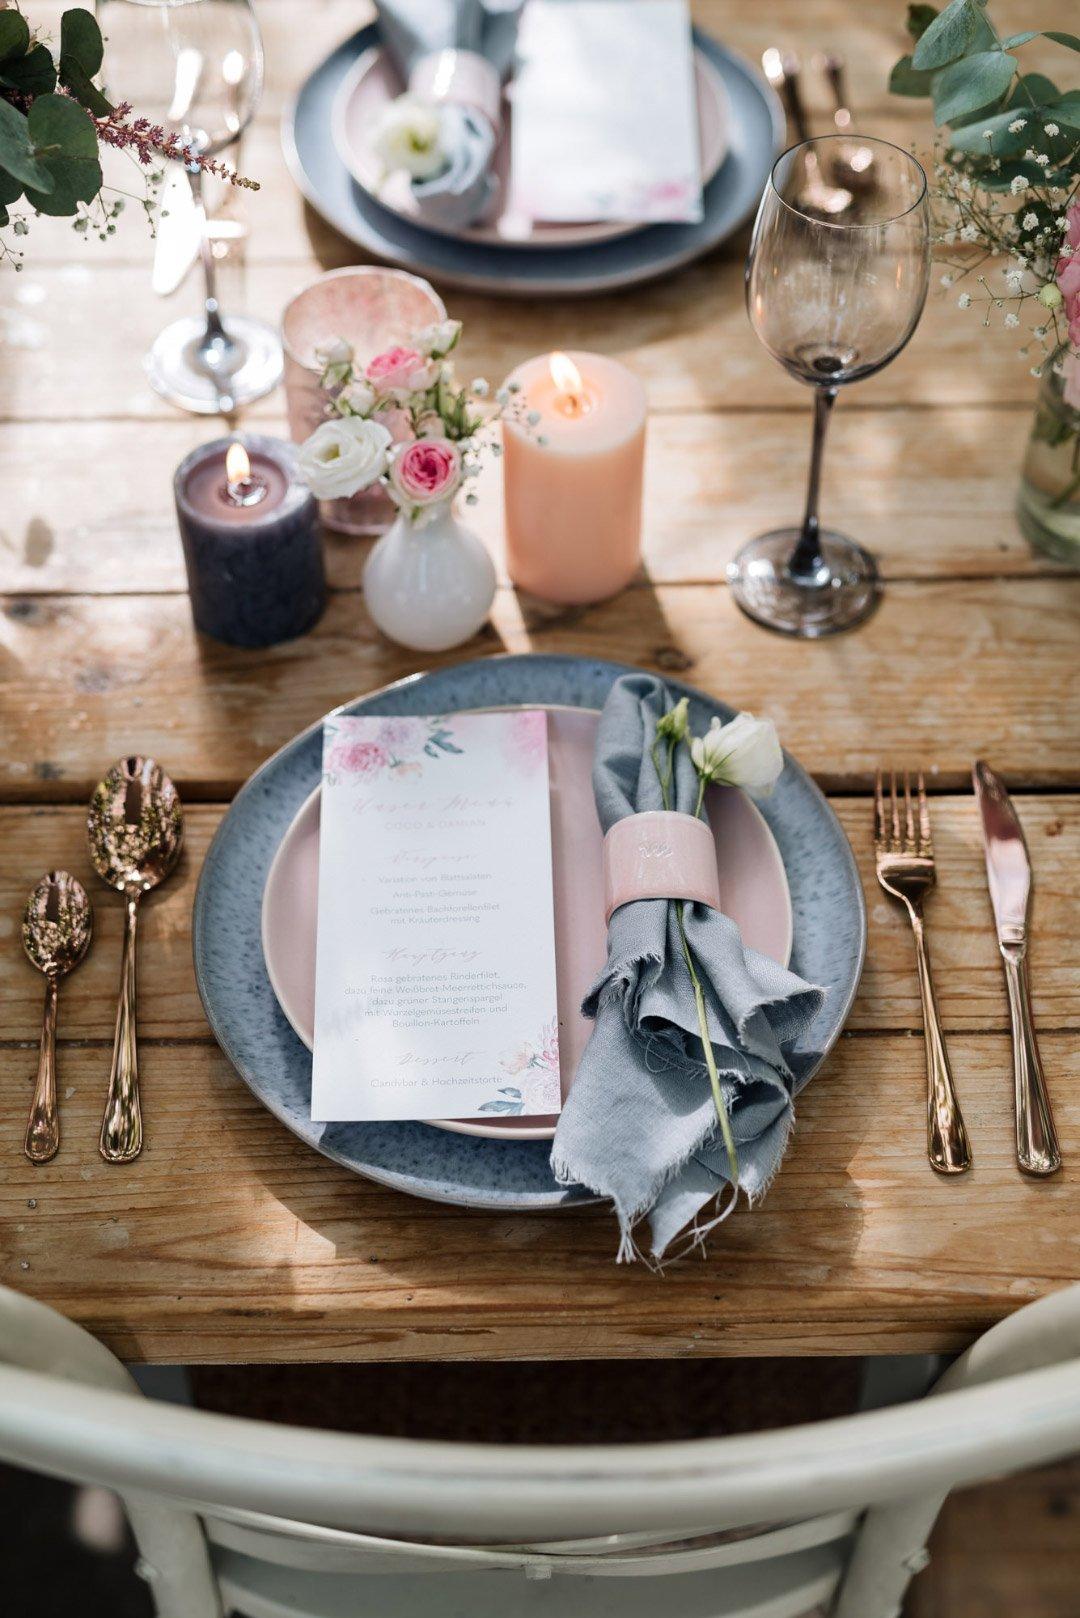 Der gedeckte Tisch für einen Gast bei der Hochzeit. Mit Serviette und Menükarte